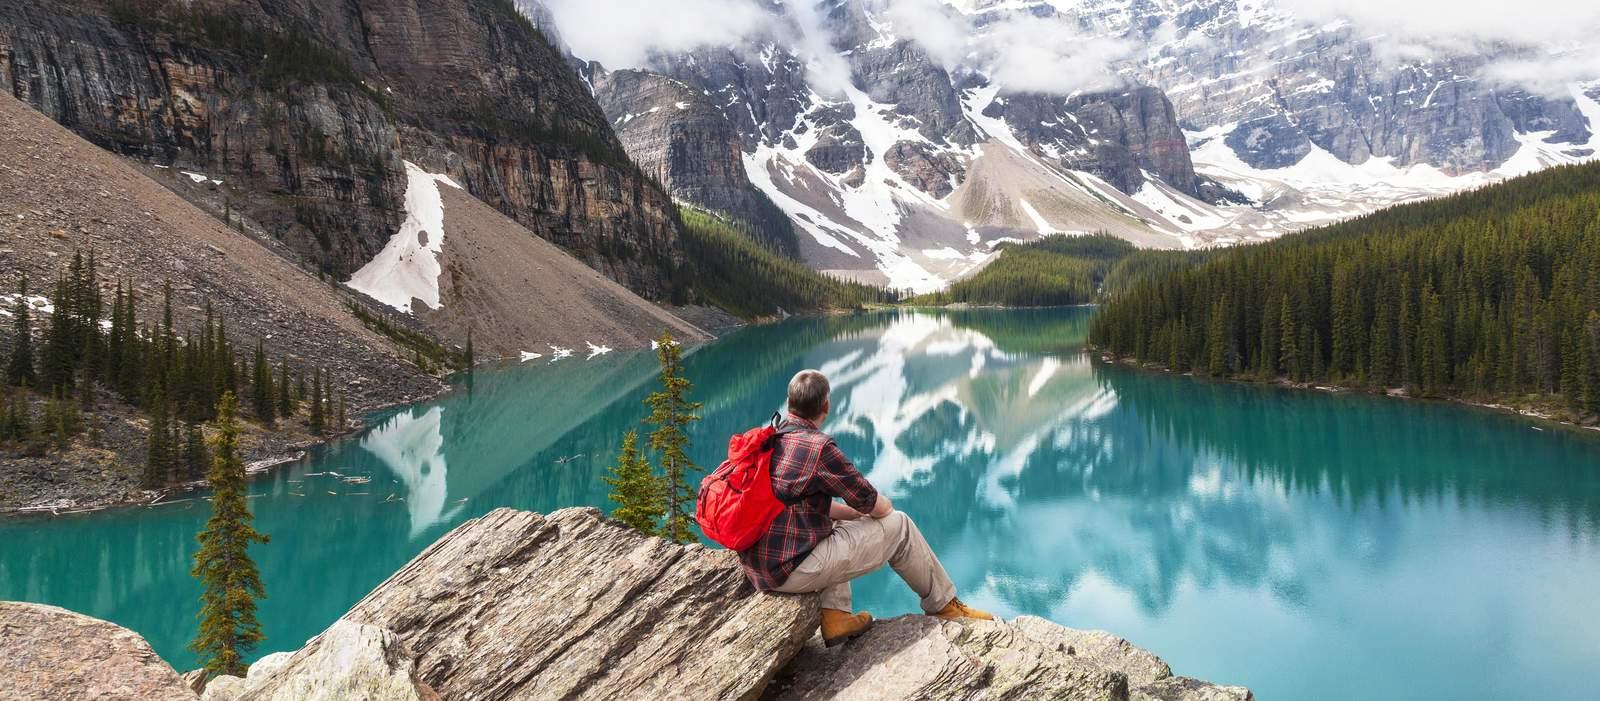 Ein Wanderer genießt den Ausblick im Banff National Park